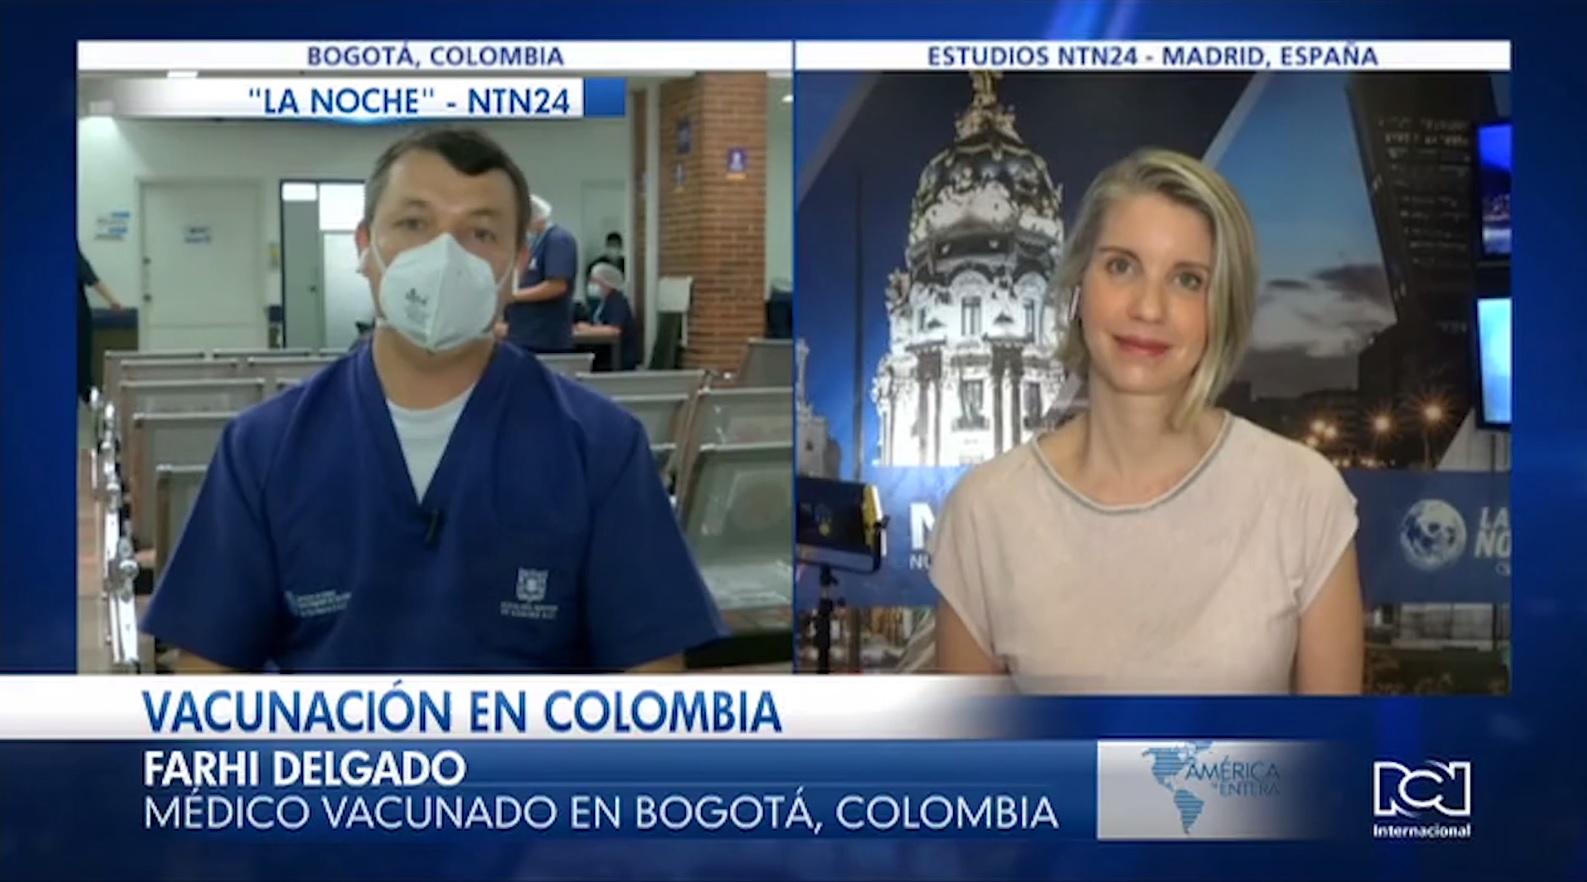 Primeros trabajadores de la salud que recibieron la vacuna contra el Covid-19 en Colombia contaron su experiencia en La Noche de NTN24